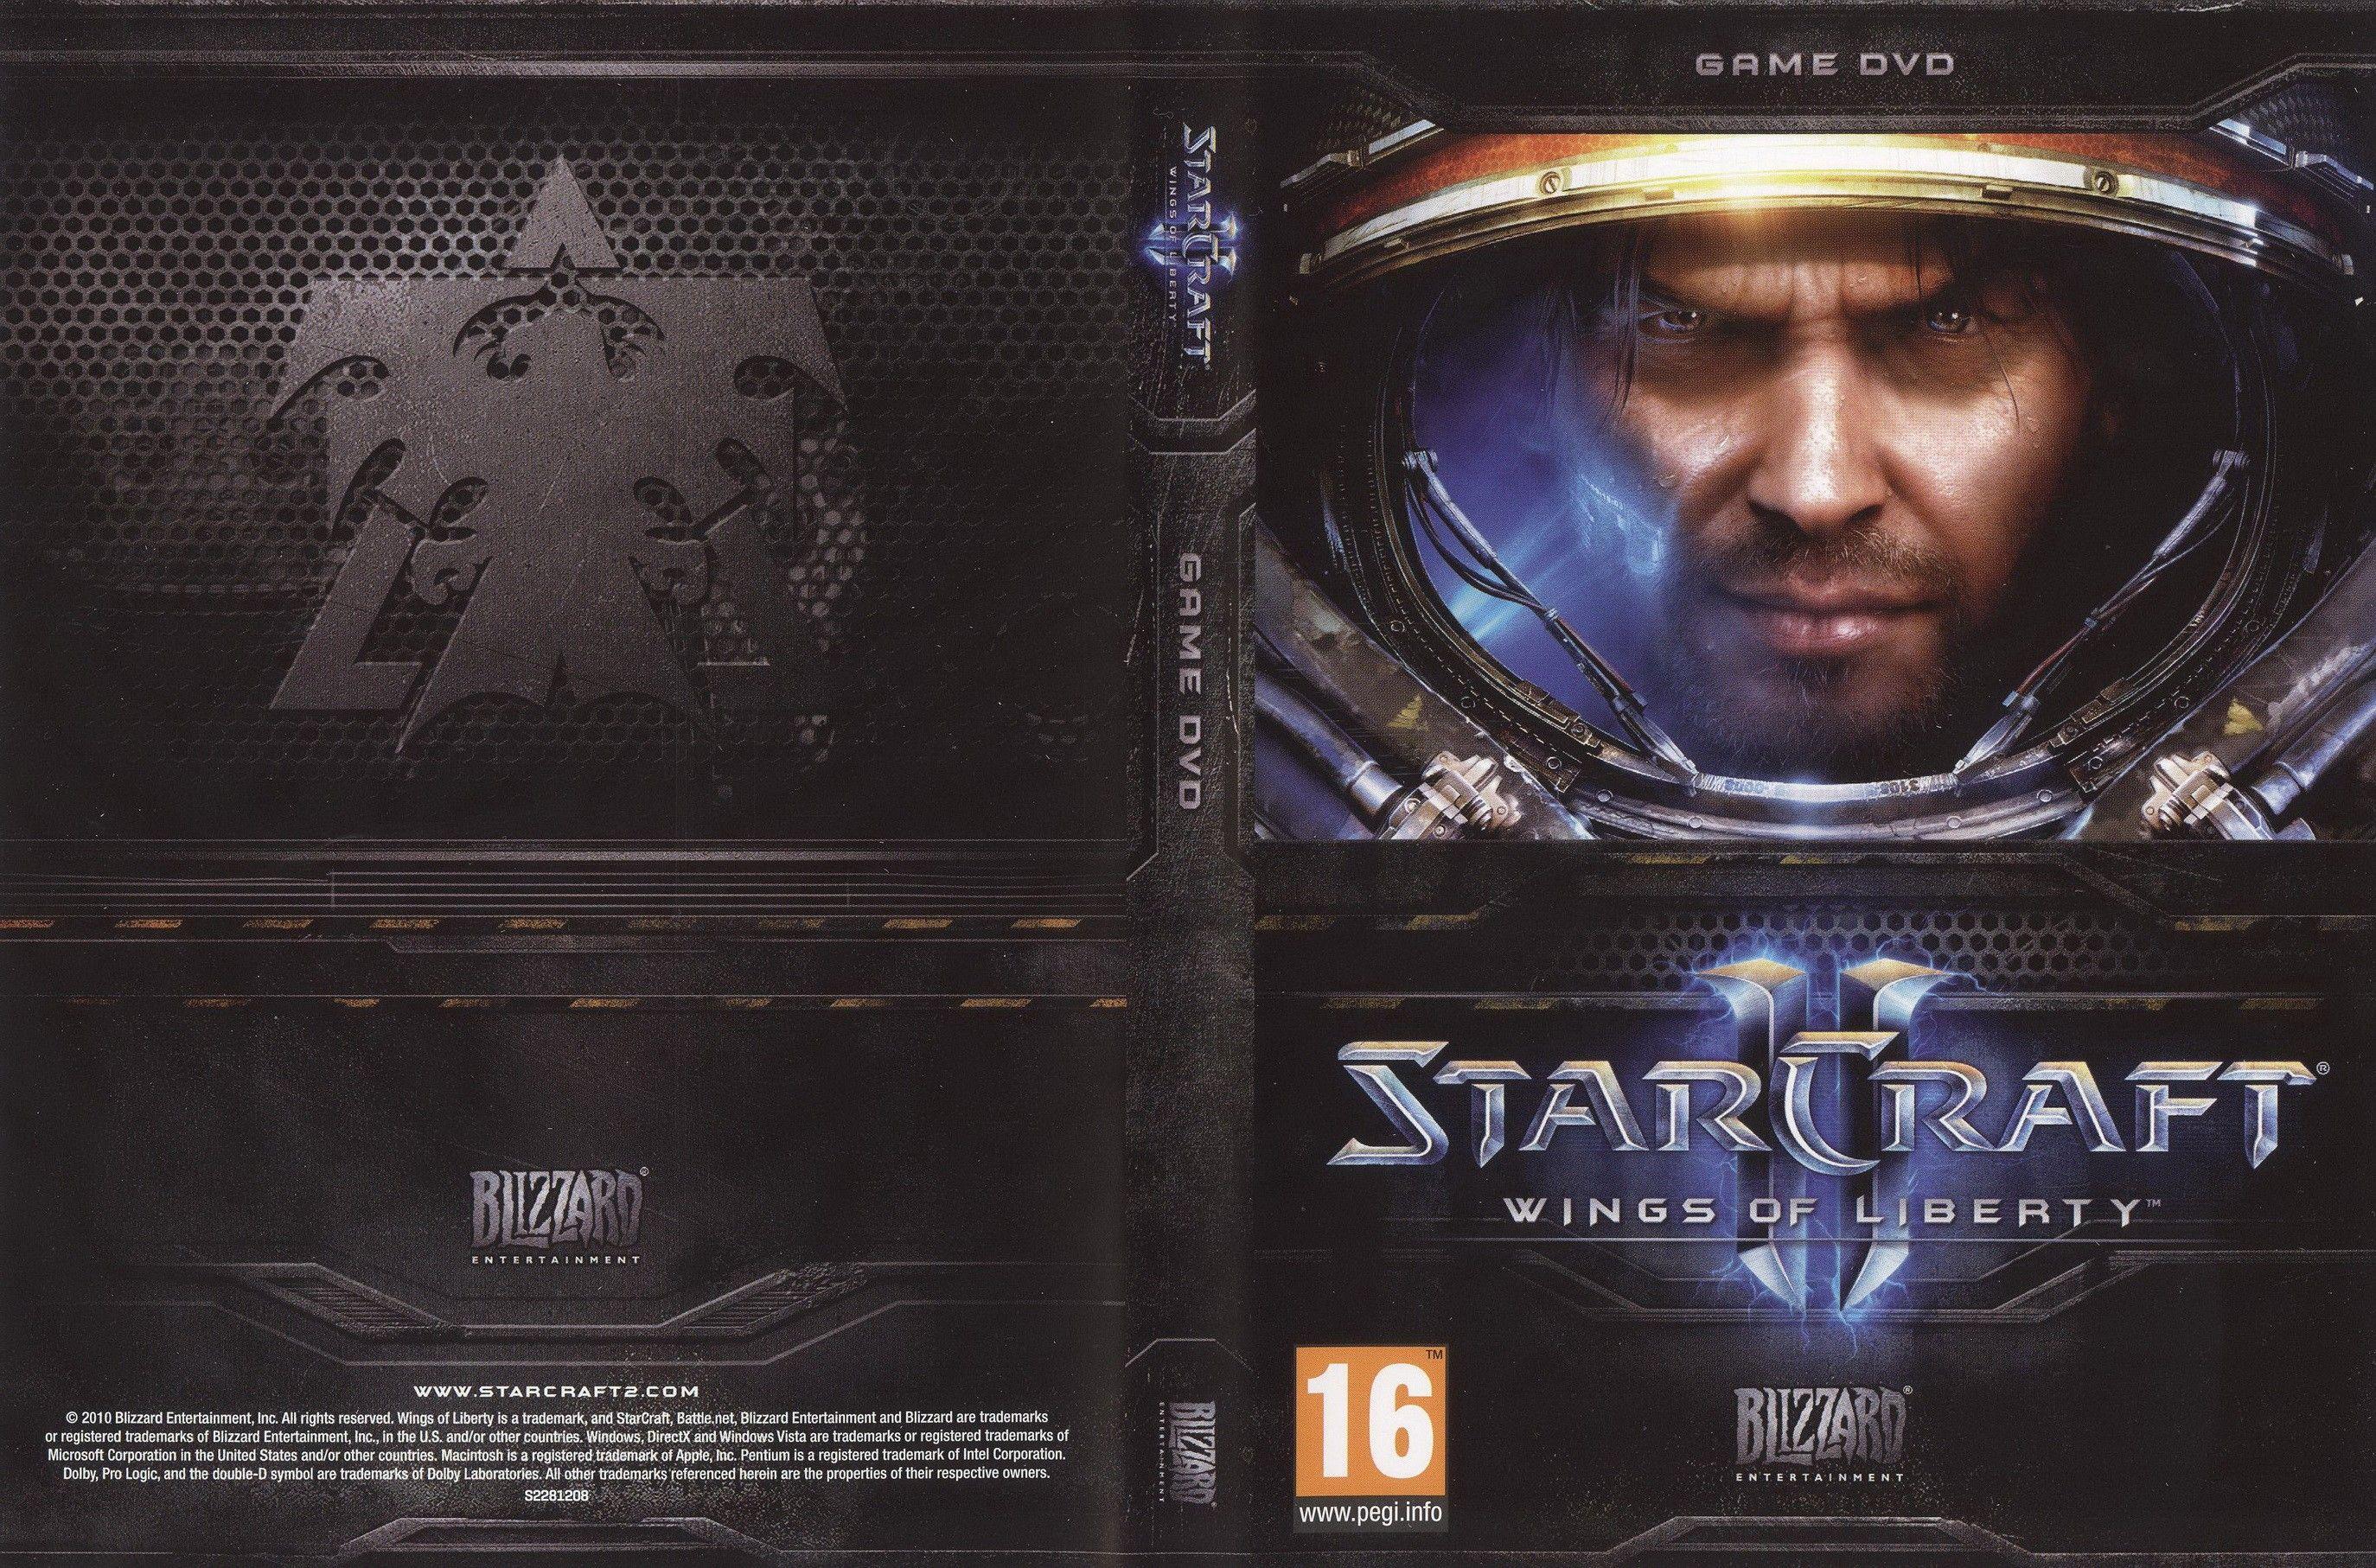 como jugar starcraft en internet: